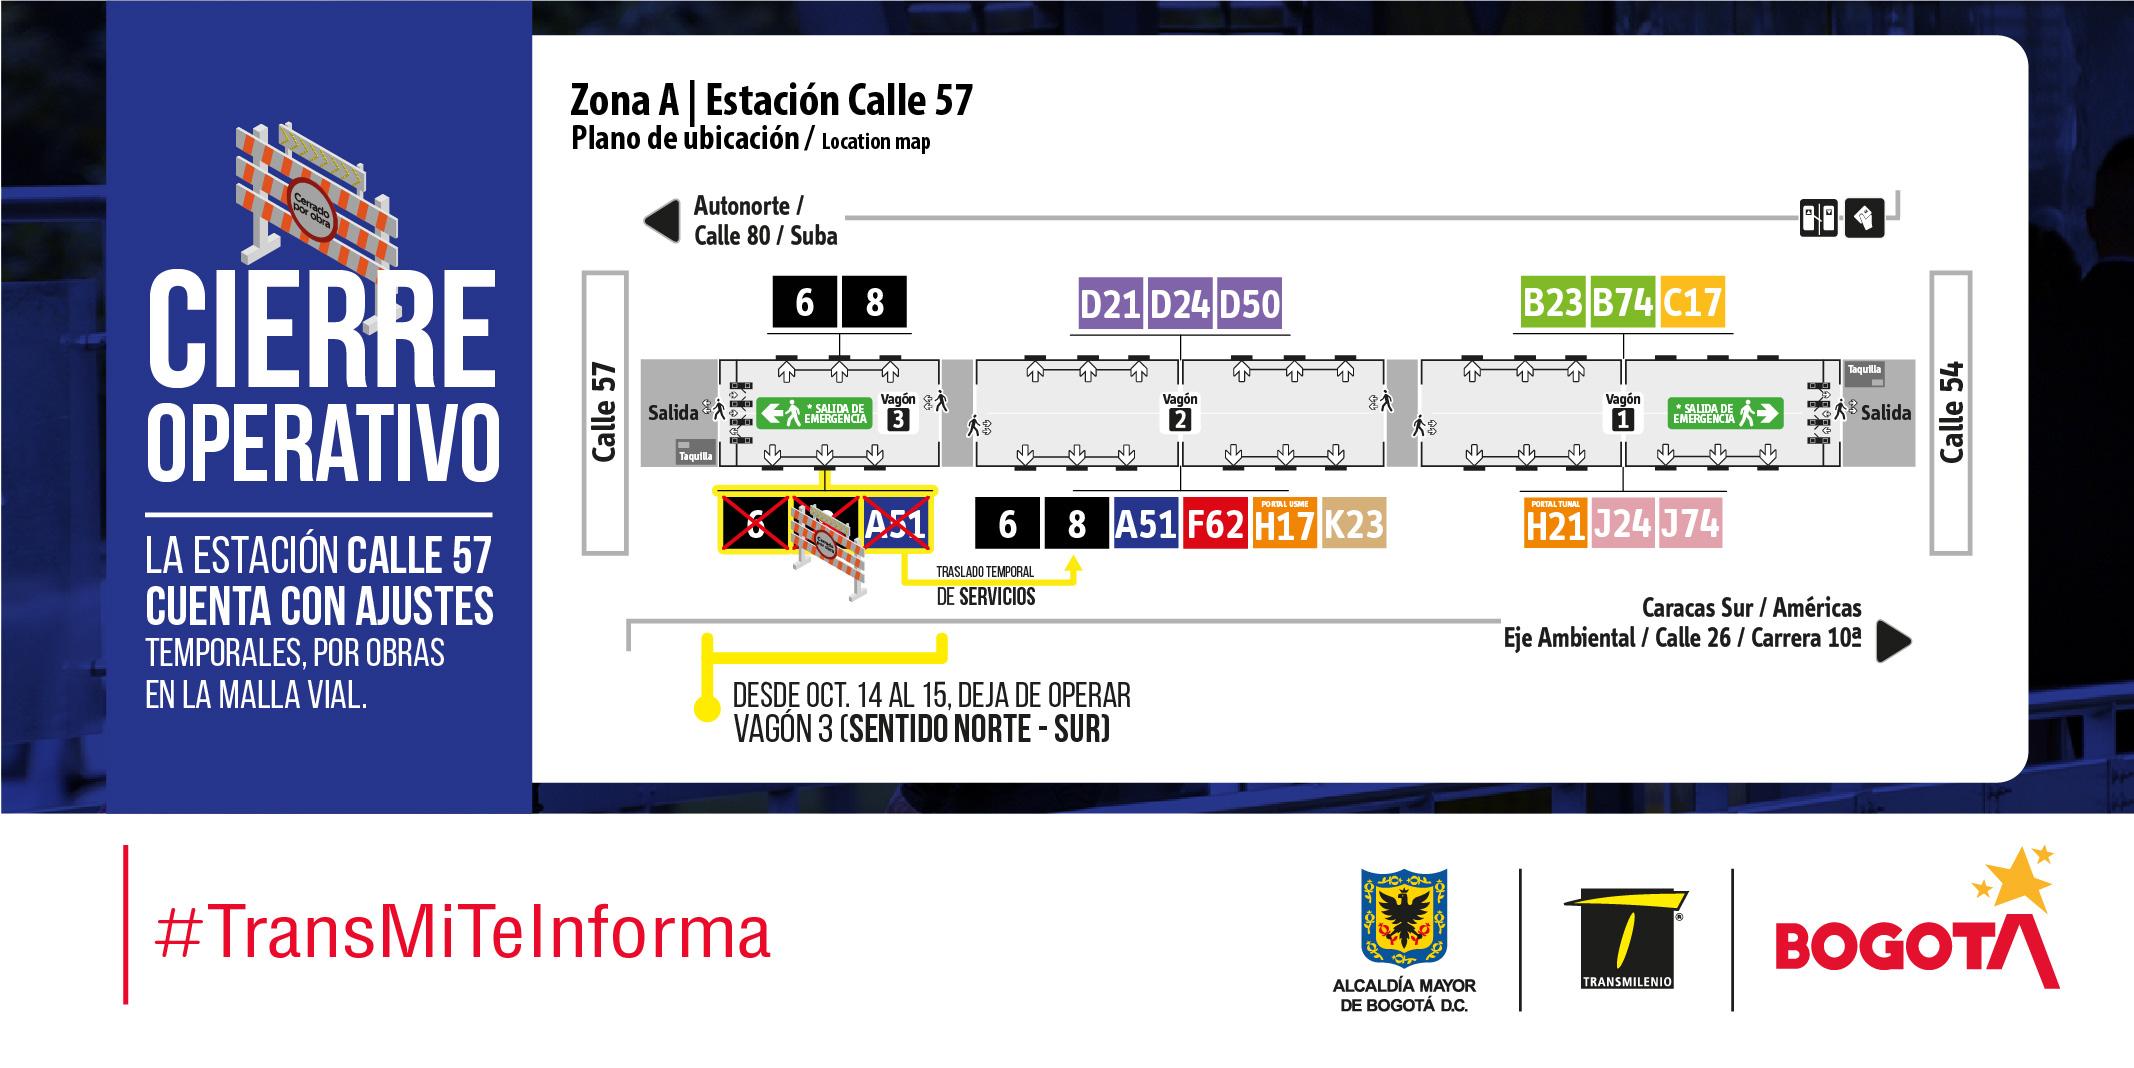 Plano de estación Calle 57